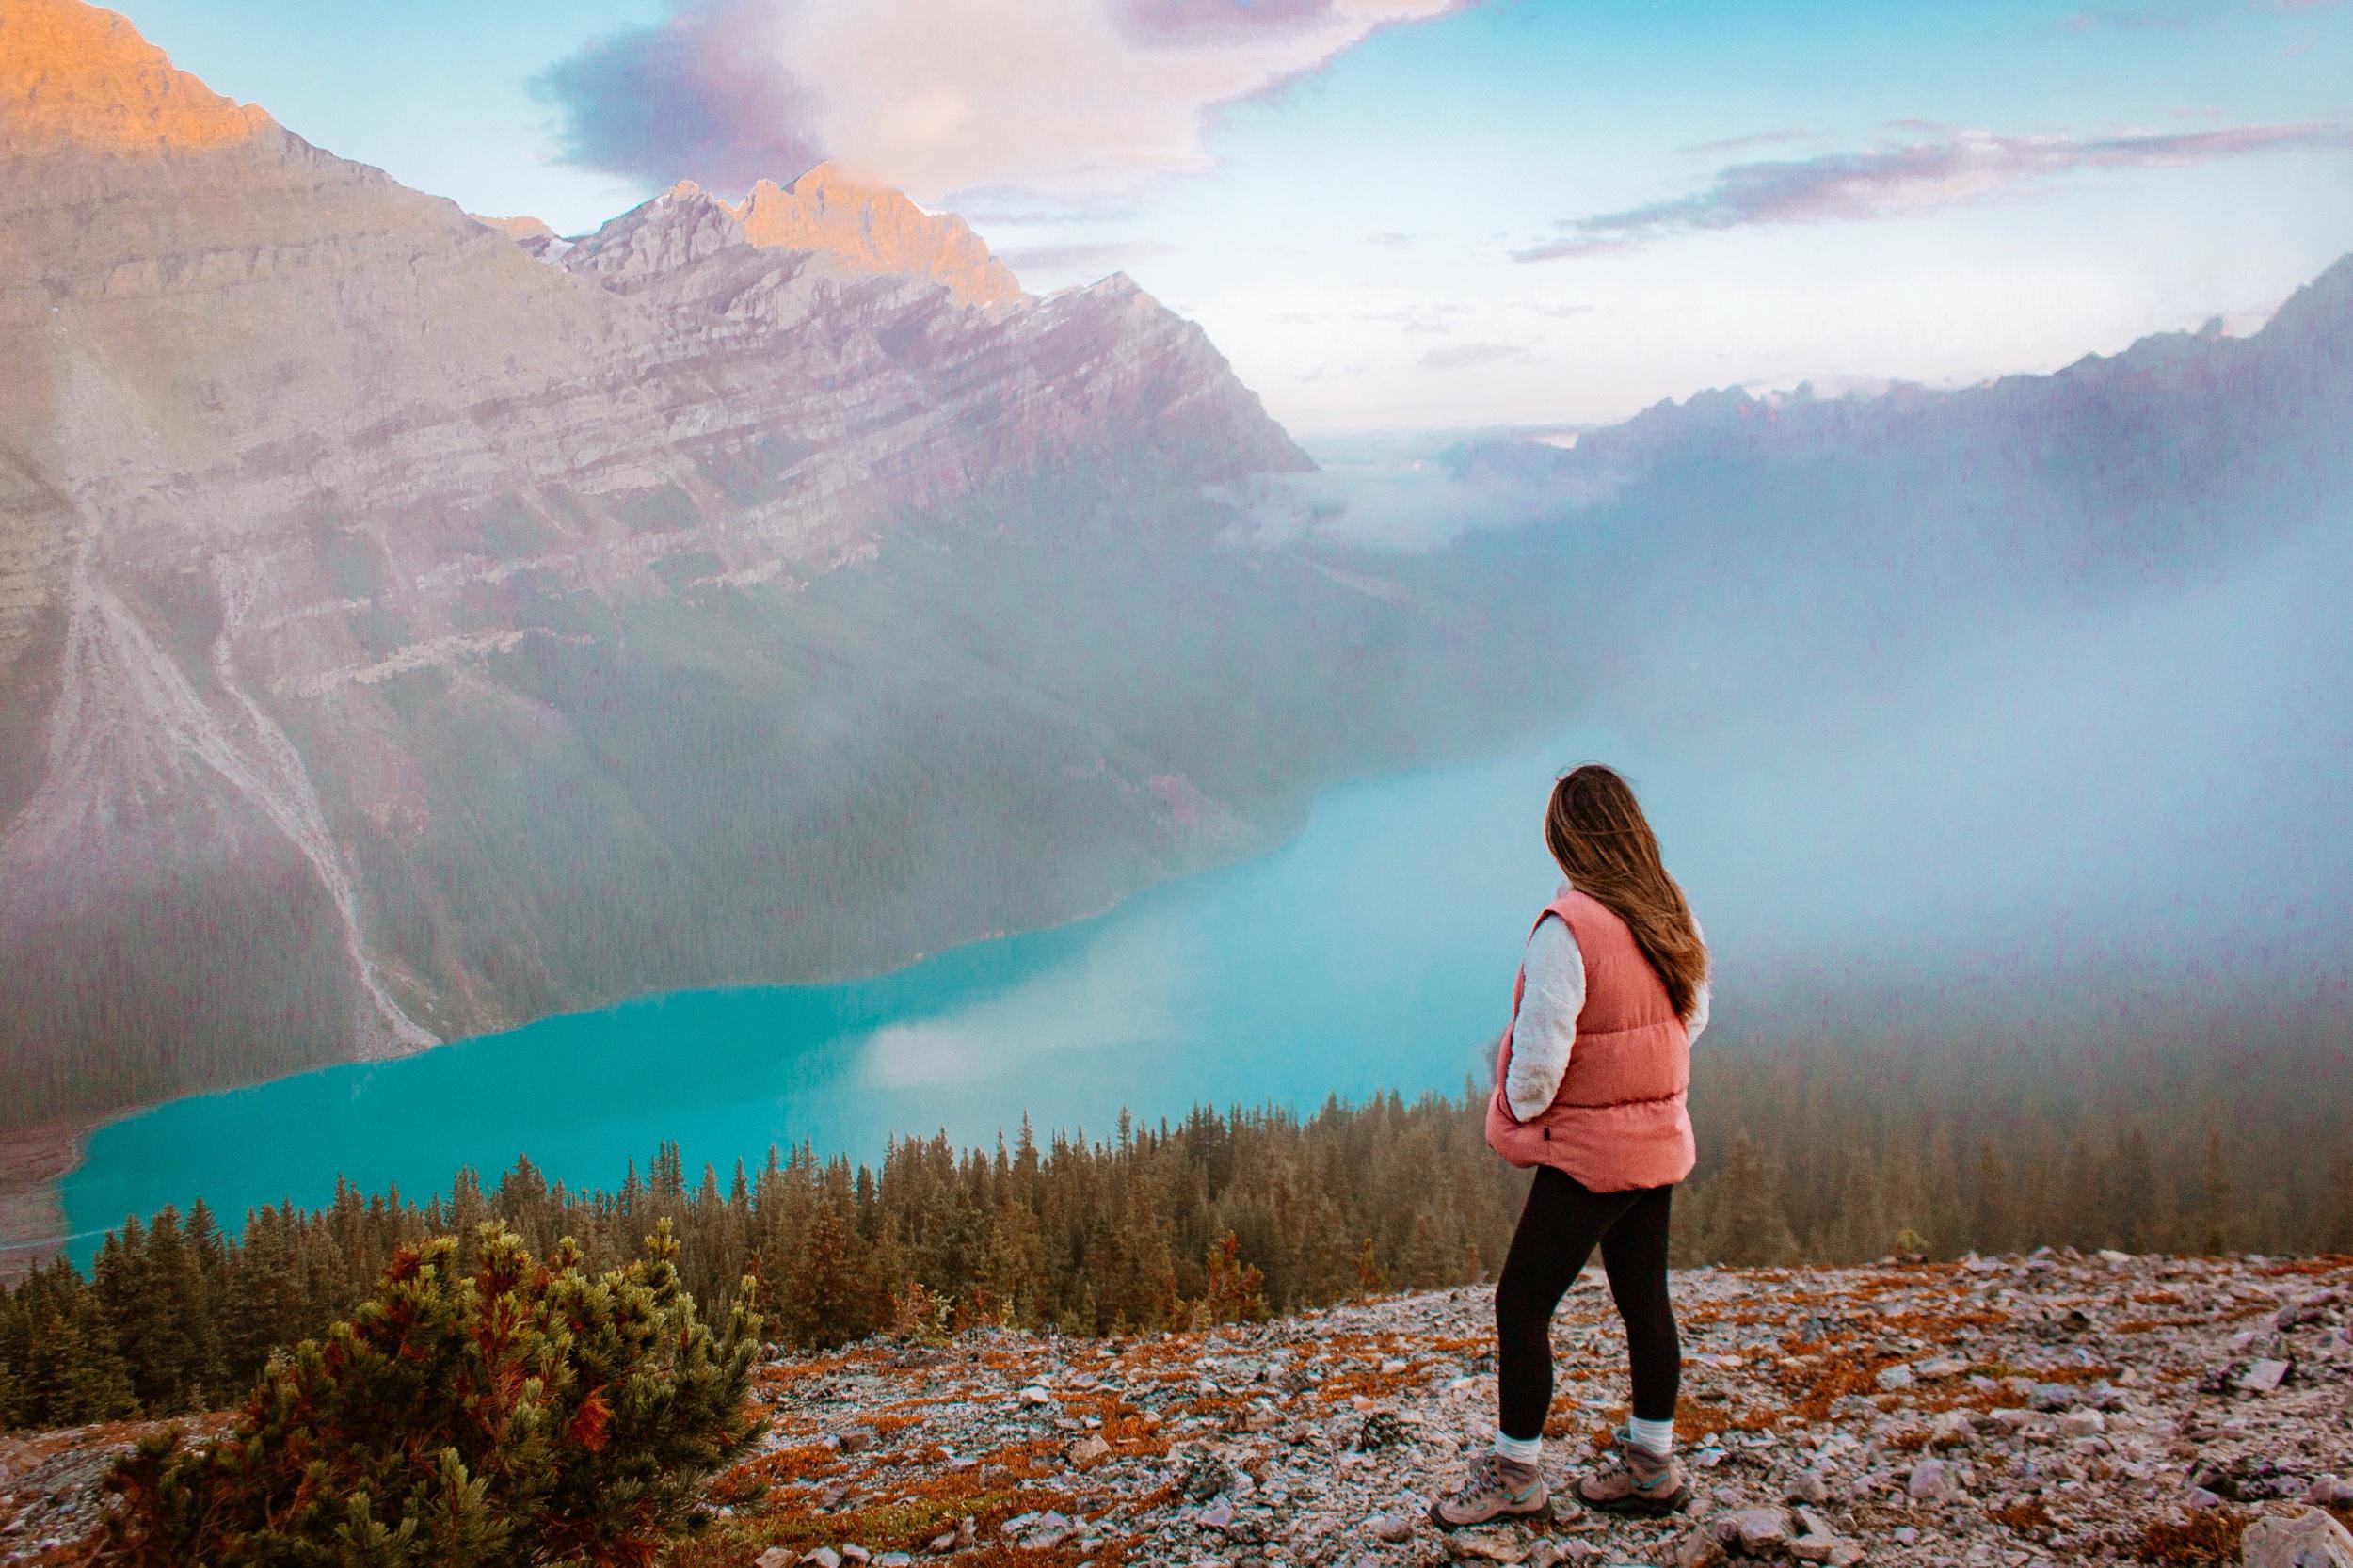 Bow Summit Lookout at Peyto Lake